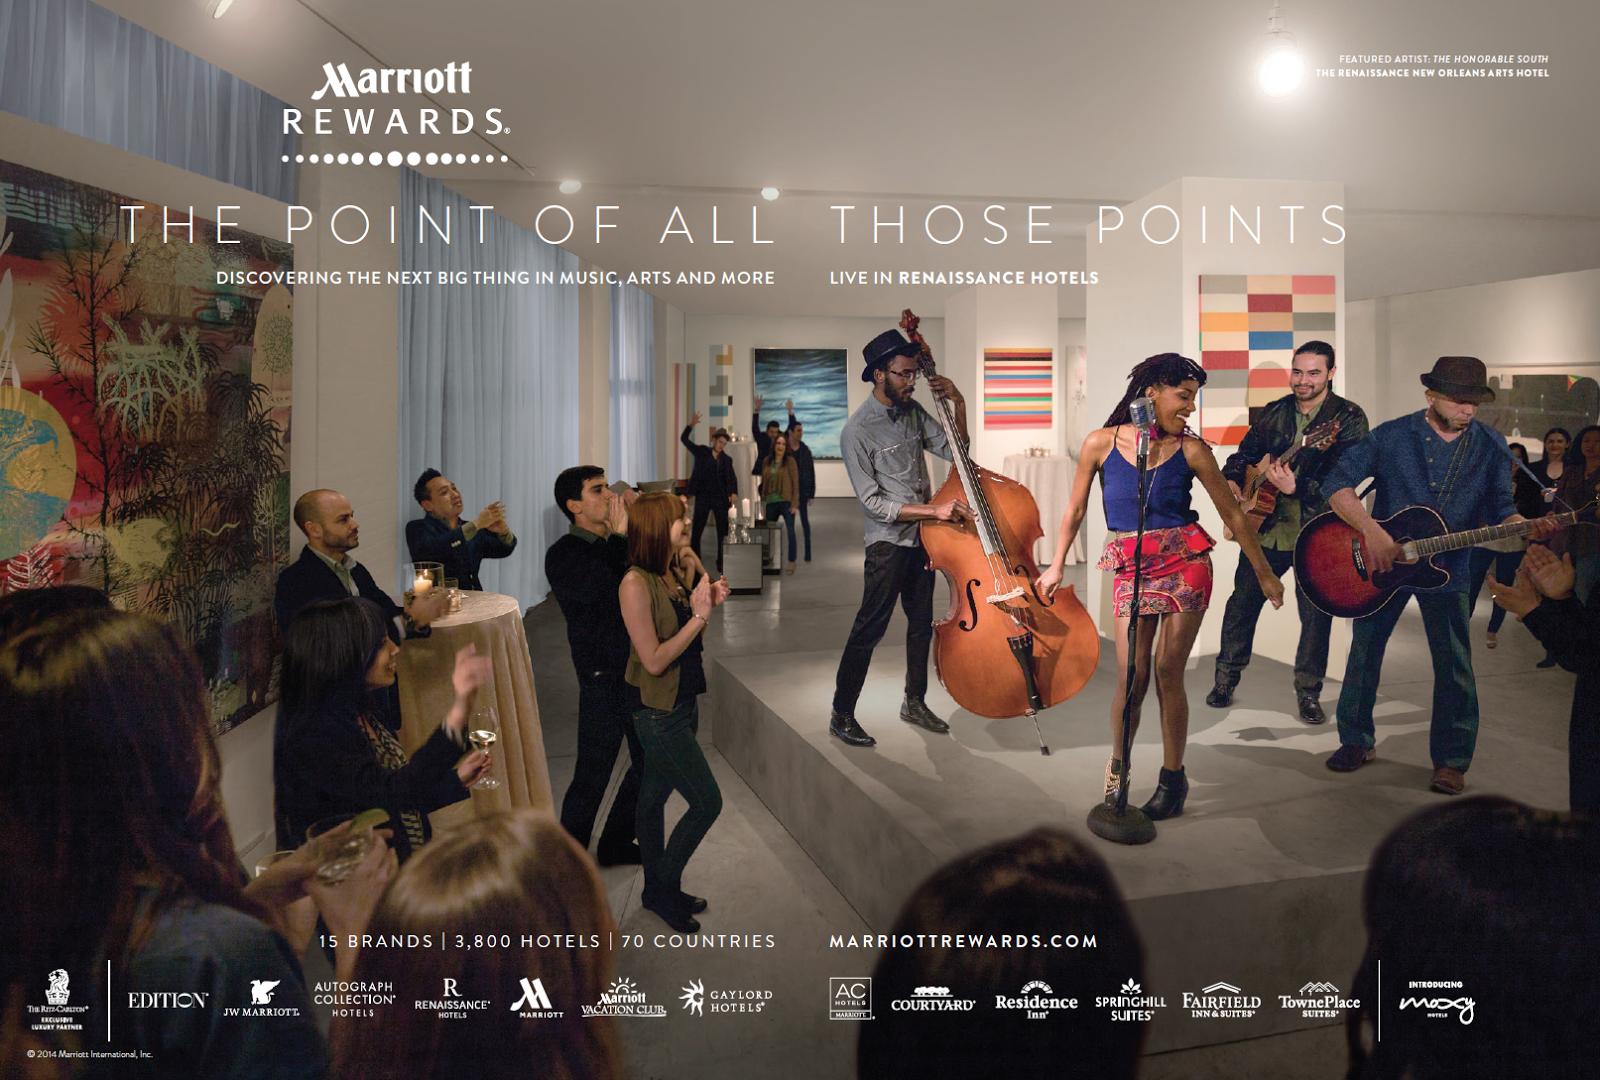 matthew turley marriott rewards 1.png